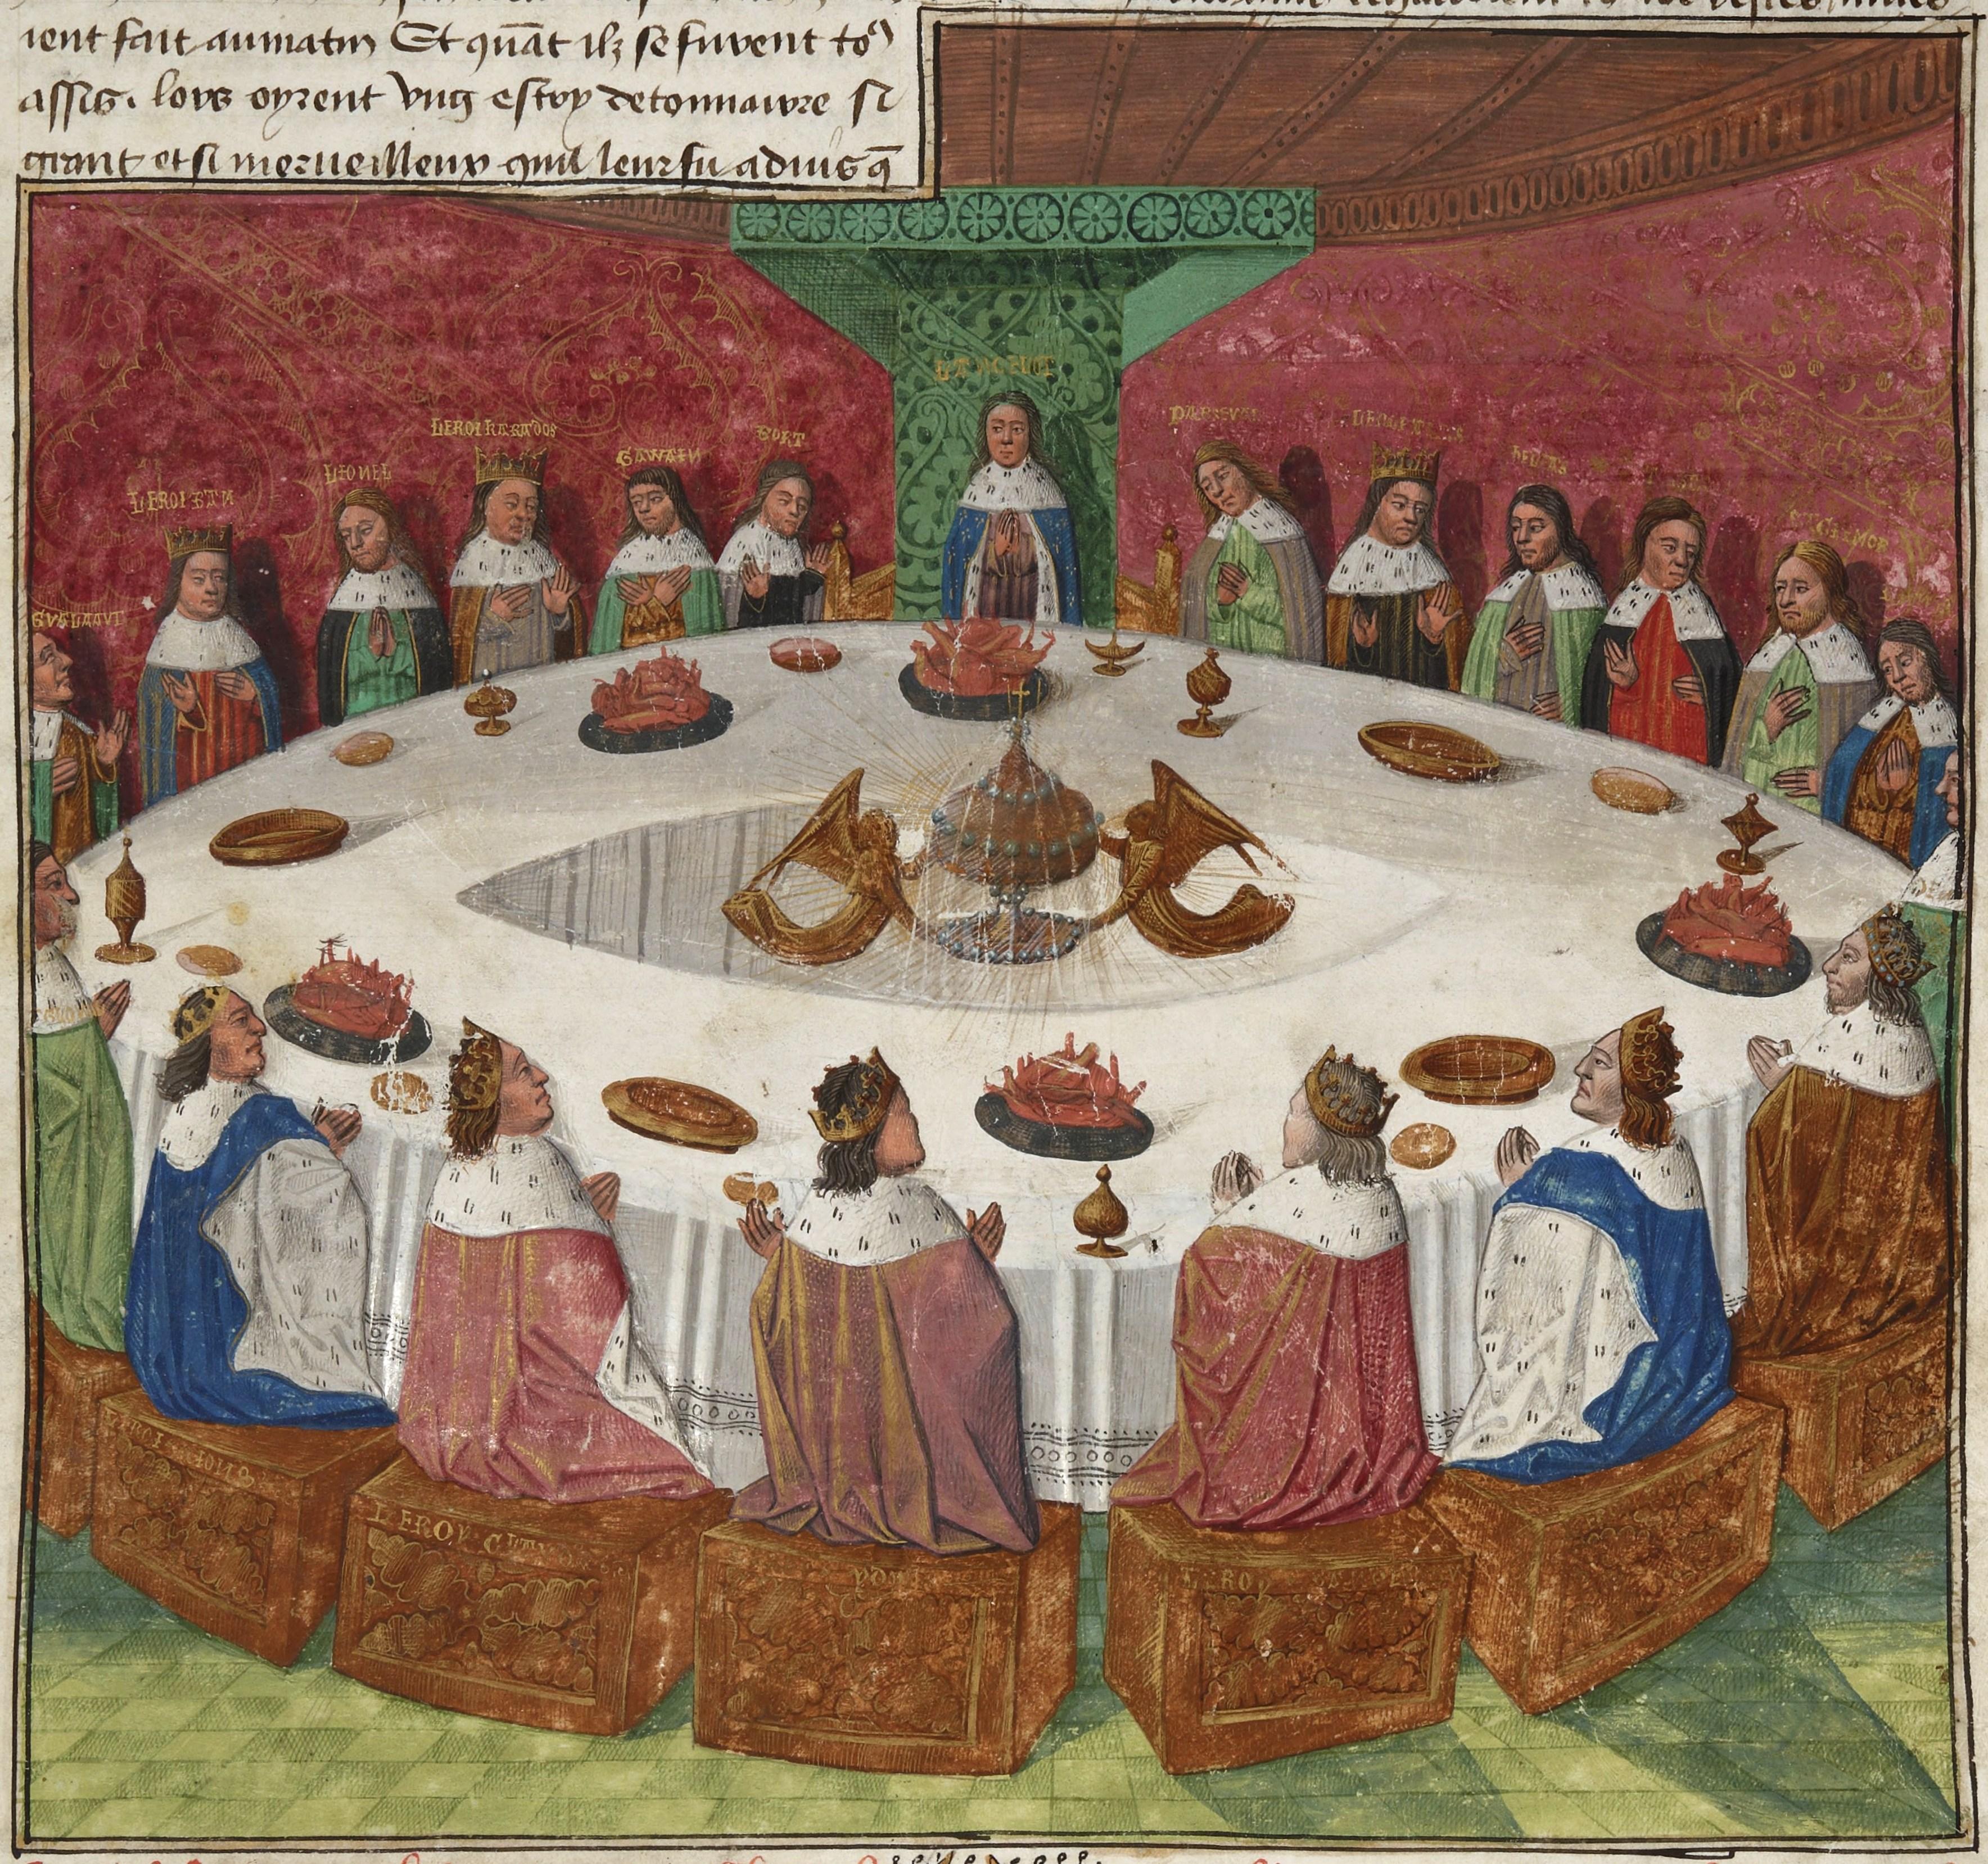 картинки с круглым столом короля артура